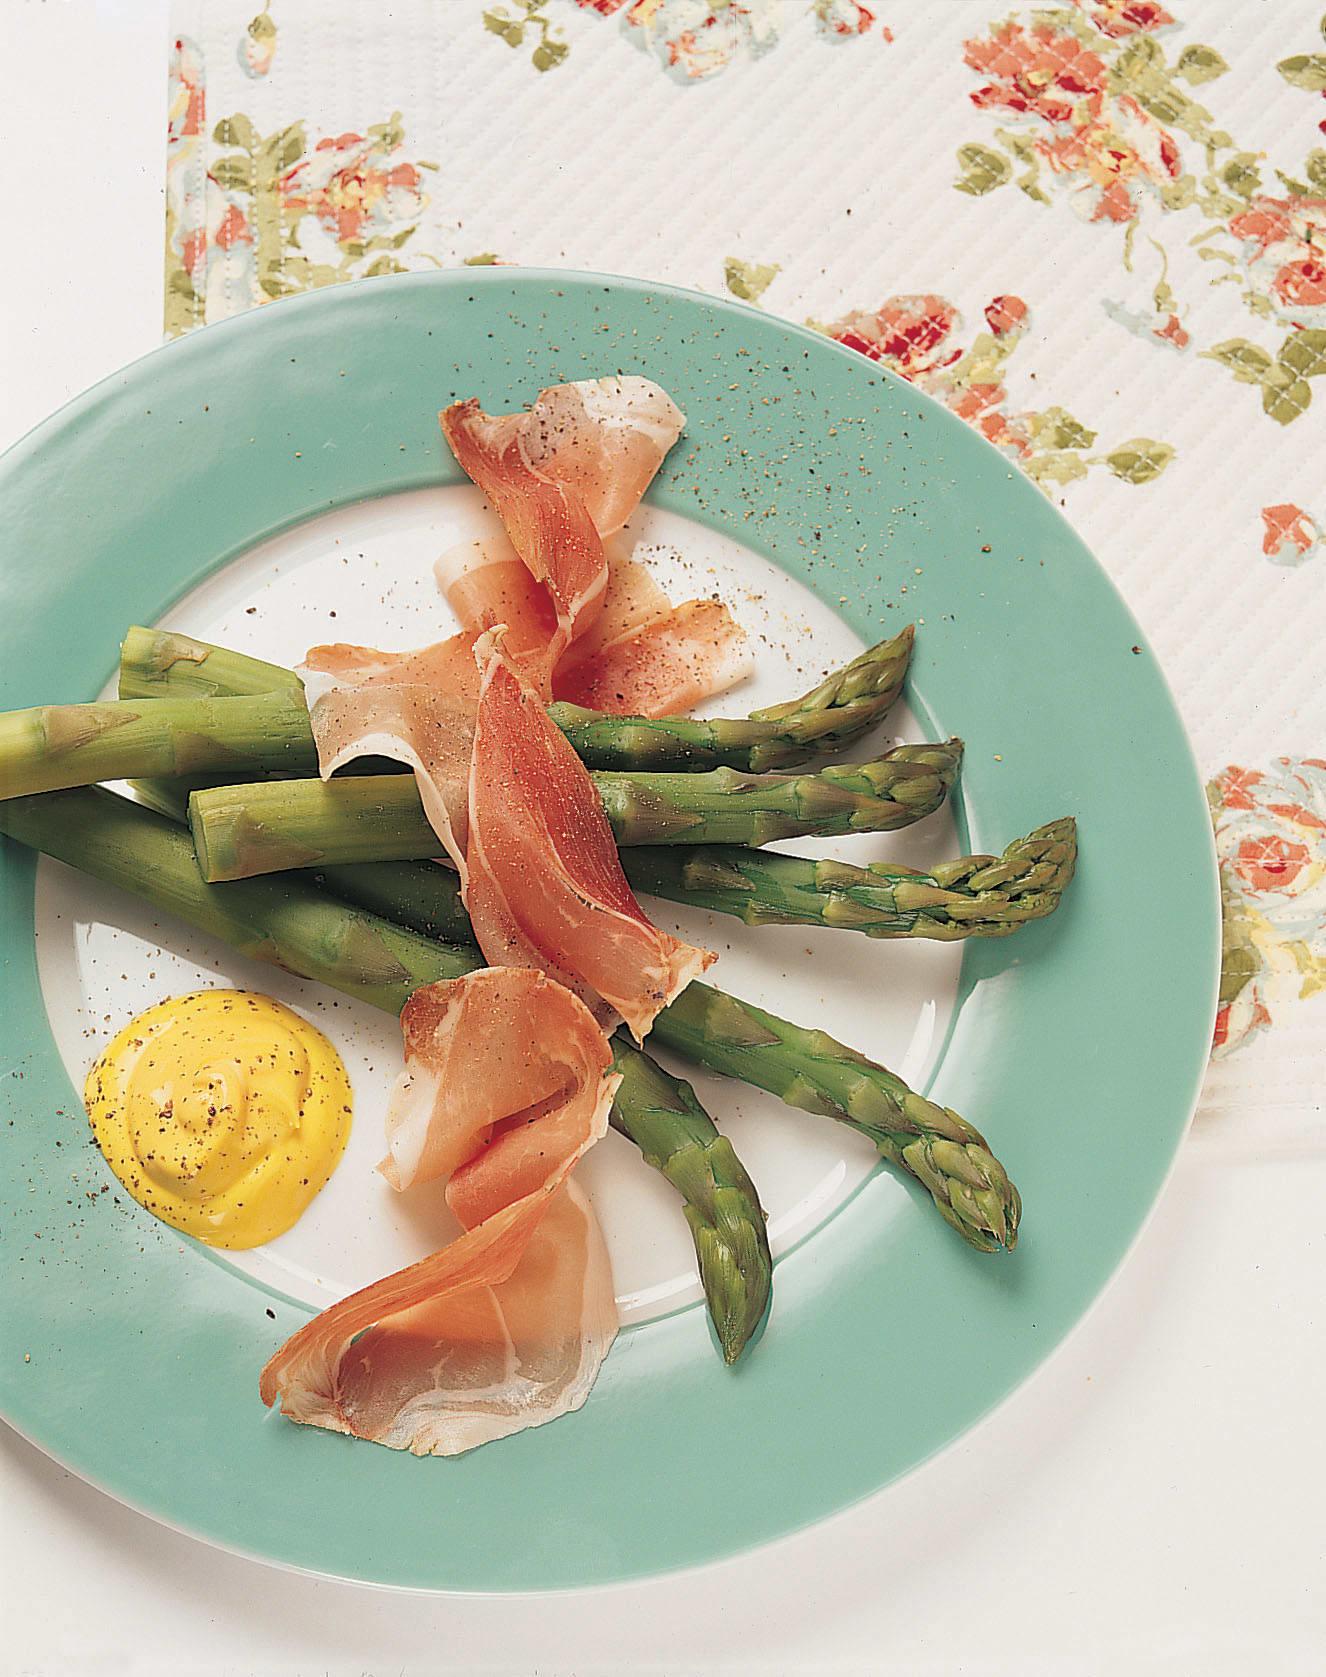 Asperges, jambon et sauce crémeuse au safran